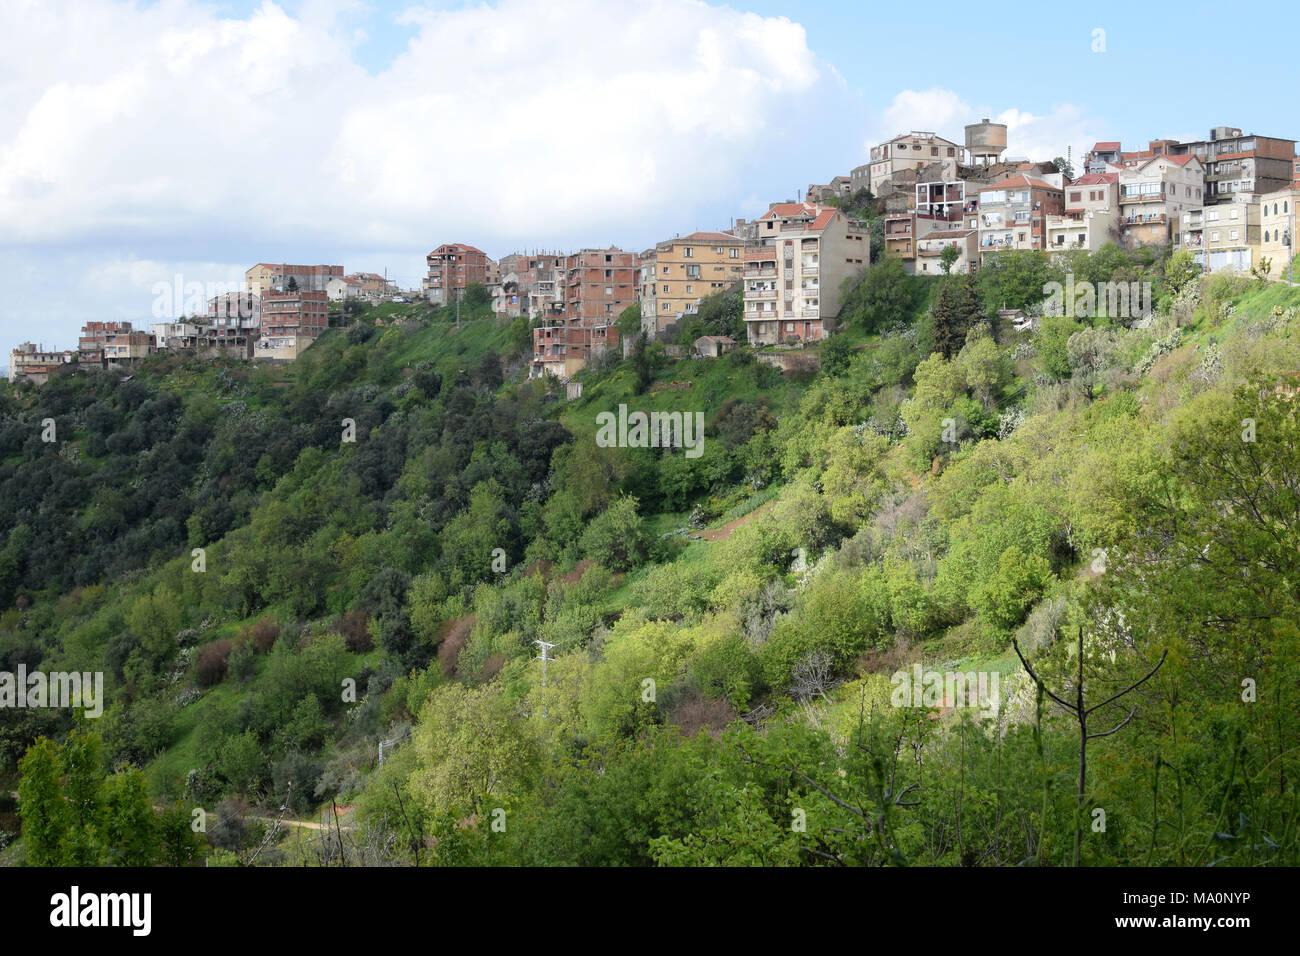 Une vue générale d'un village de Kabylie, Tizi Ouzou, Algérie Photo Stock